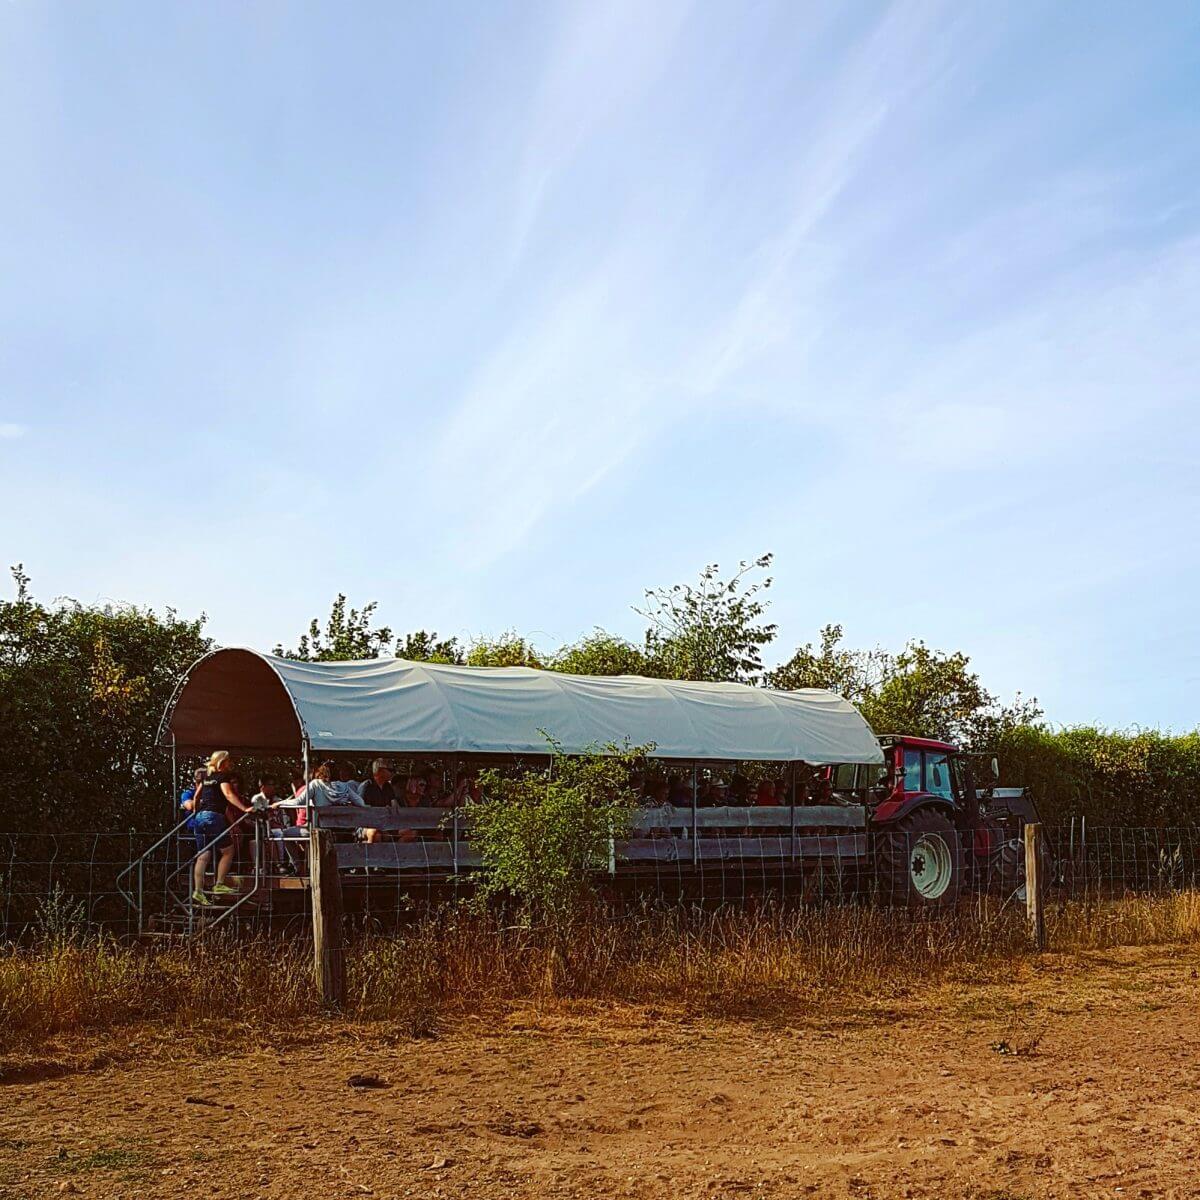 Ditlevsdal Bisonfarm: op bisonsafari of zelfs slapen tussen de bizons, op het eiland Funen in Denemarken #leukmetkids #vakantie #kinderen